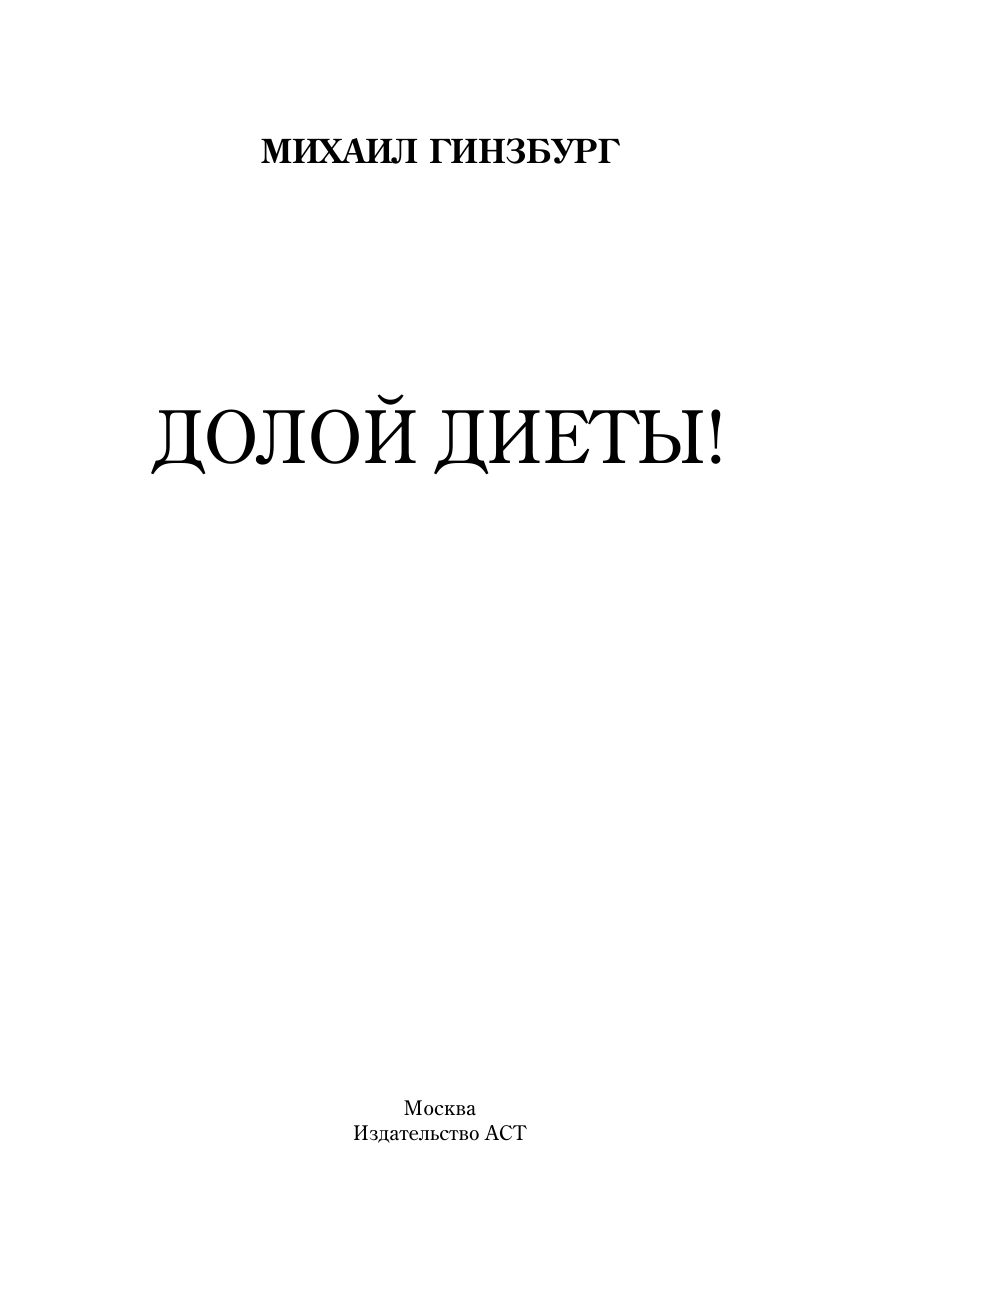 Гинзбург М Диета. Импульсная диета Михаила Гинзбурга – принципы, особенности, меню